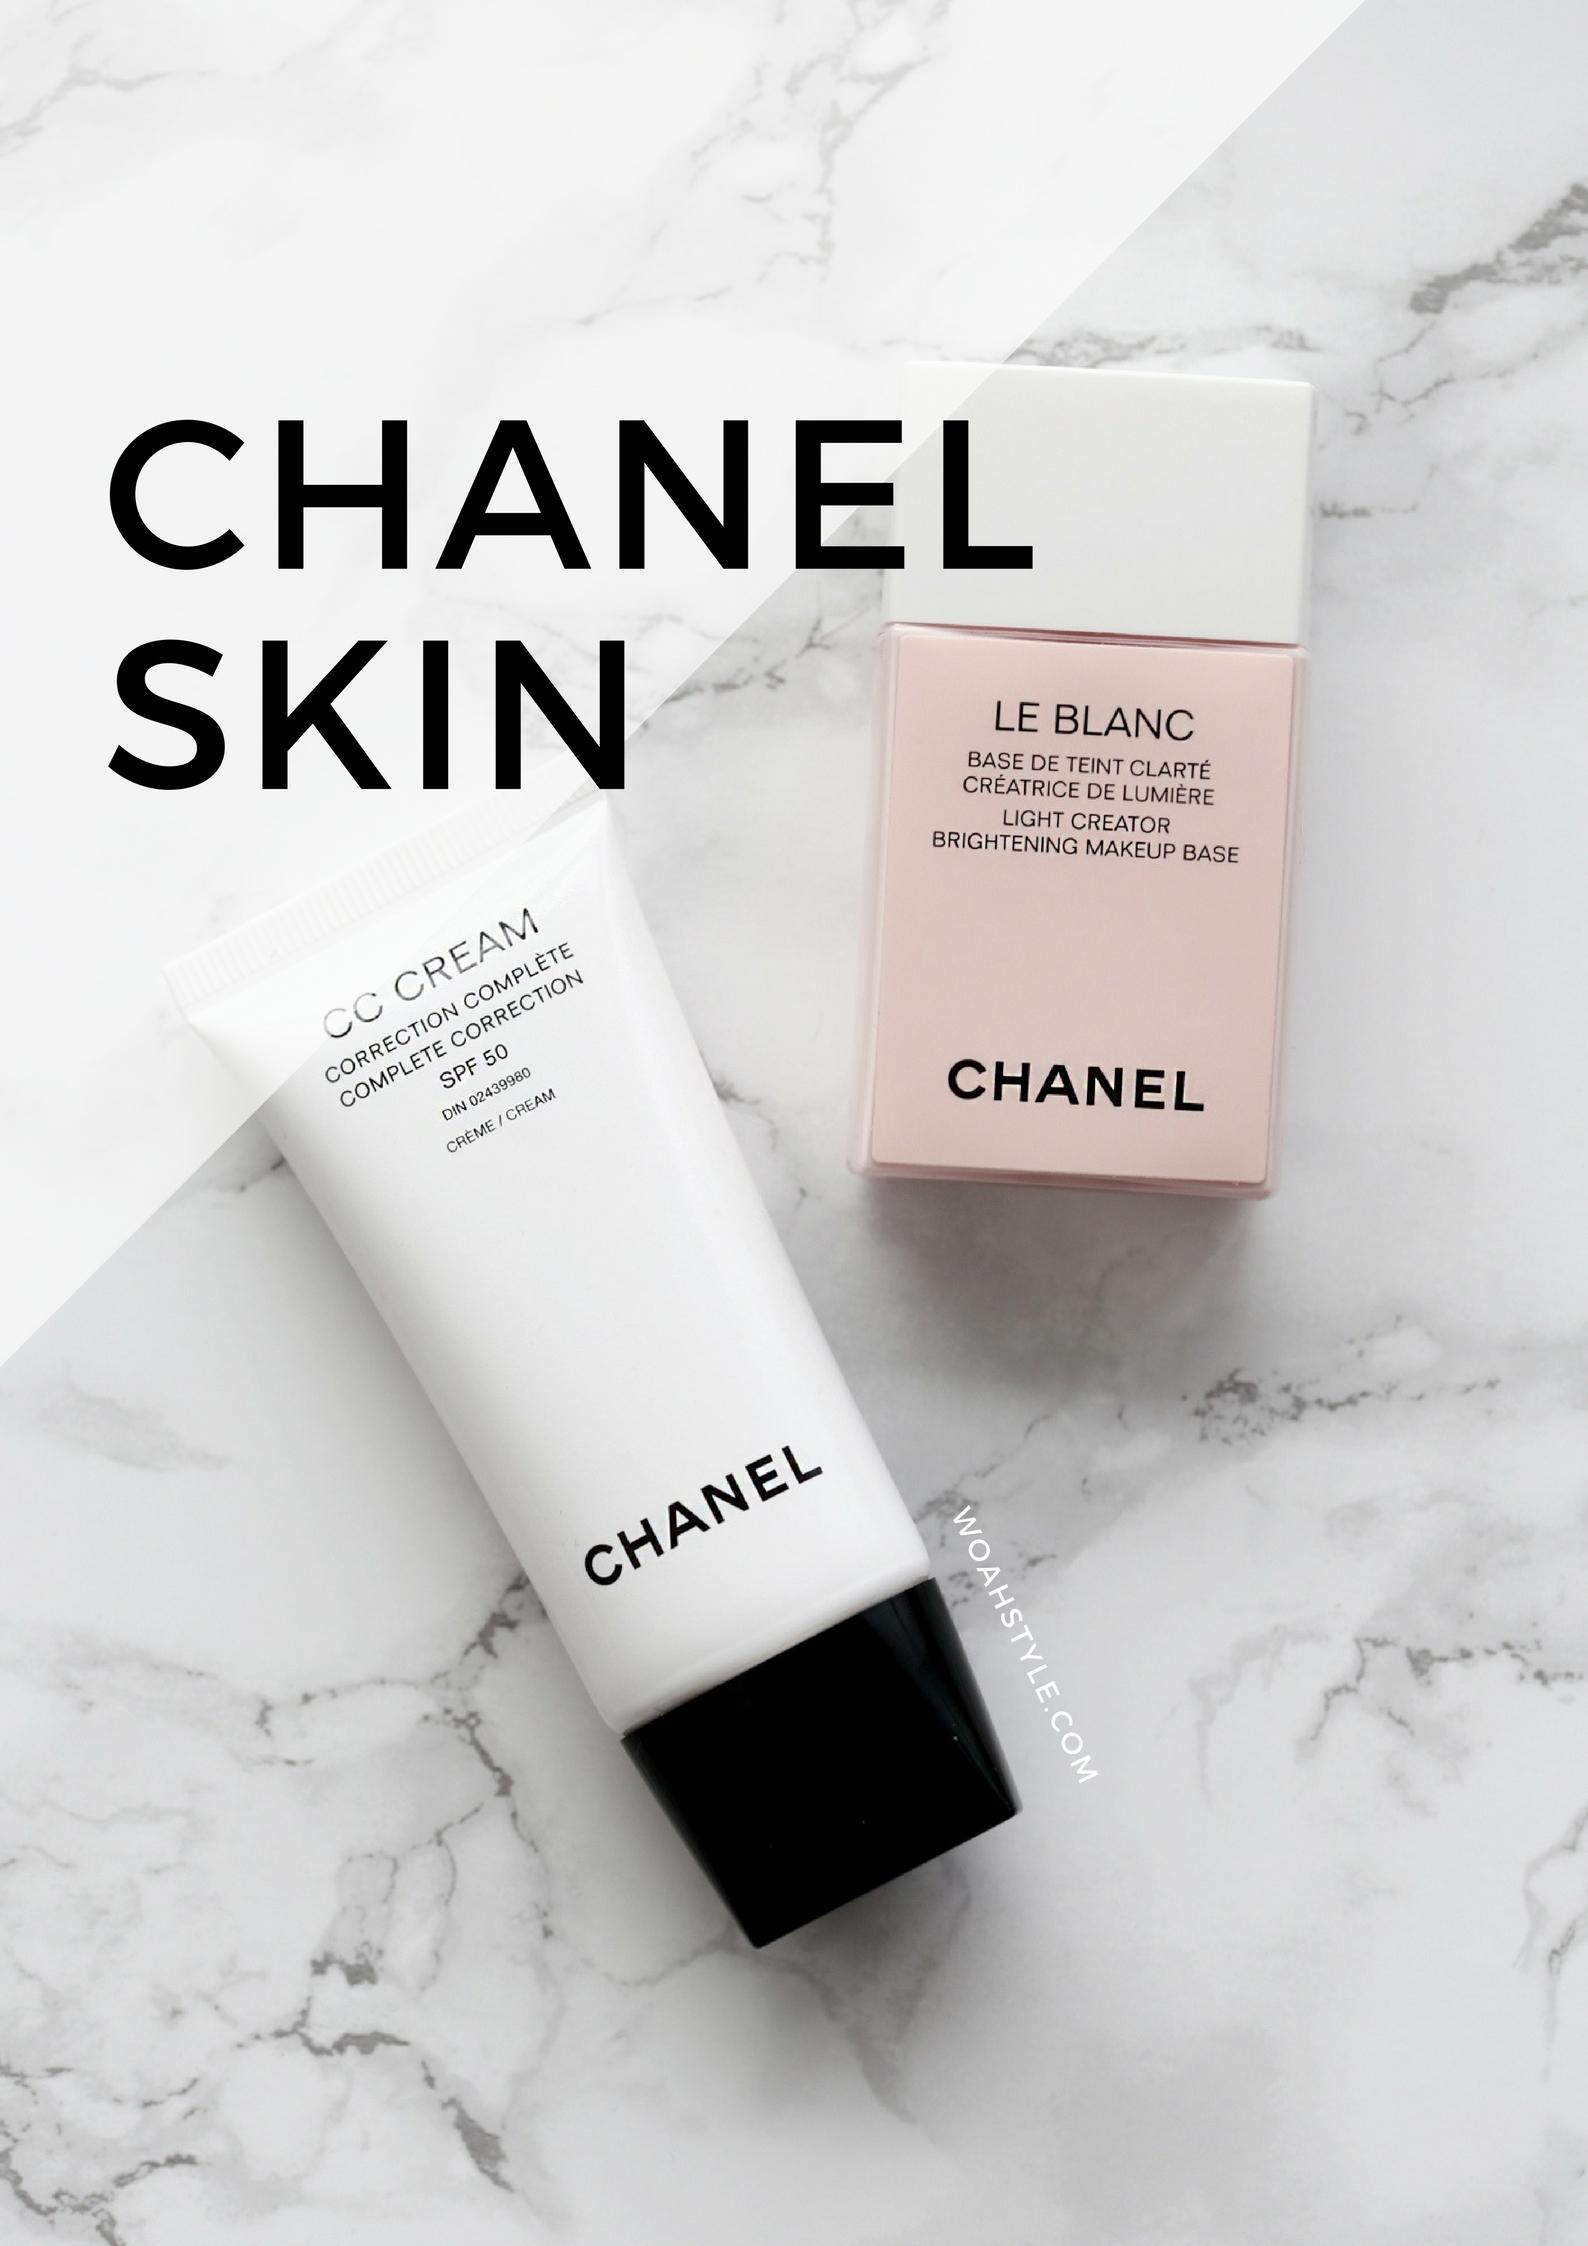 Chanel CC Cream + Le Blanc Makeup Base review